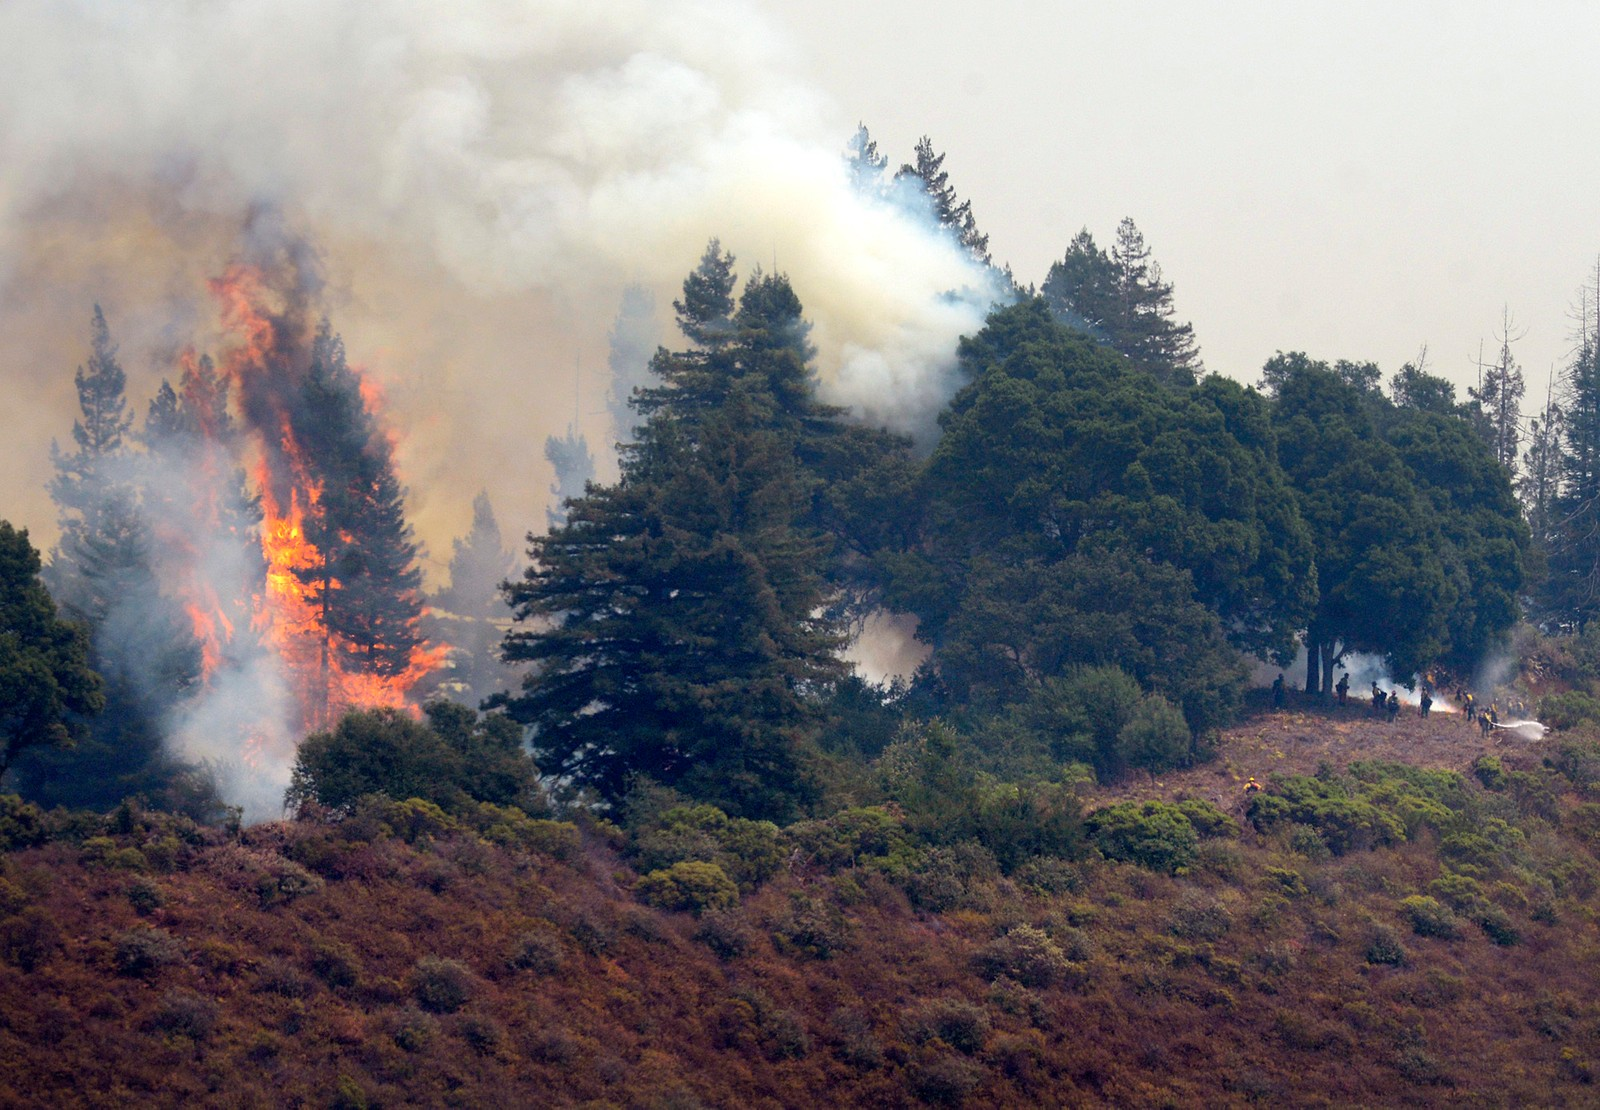 brannmannskap jobber med å slukke skogbrann nær landsbyen Big Sur lørdag.